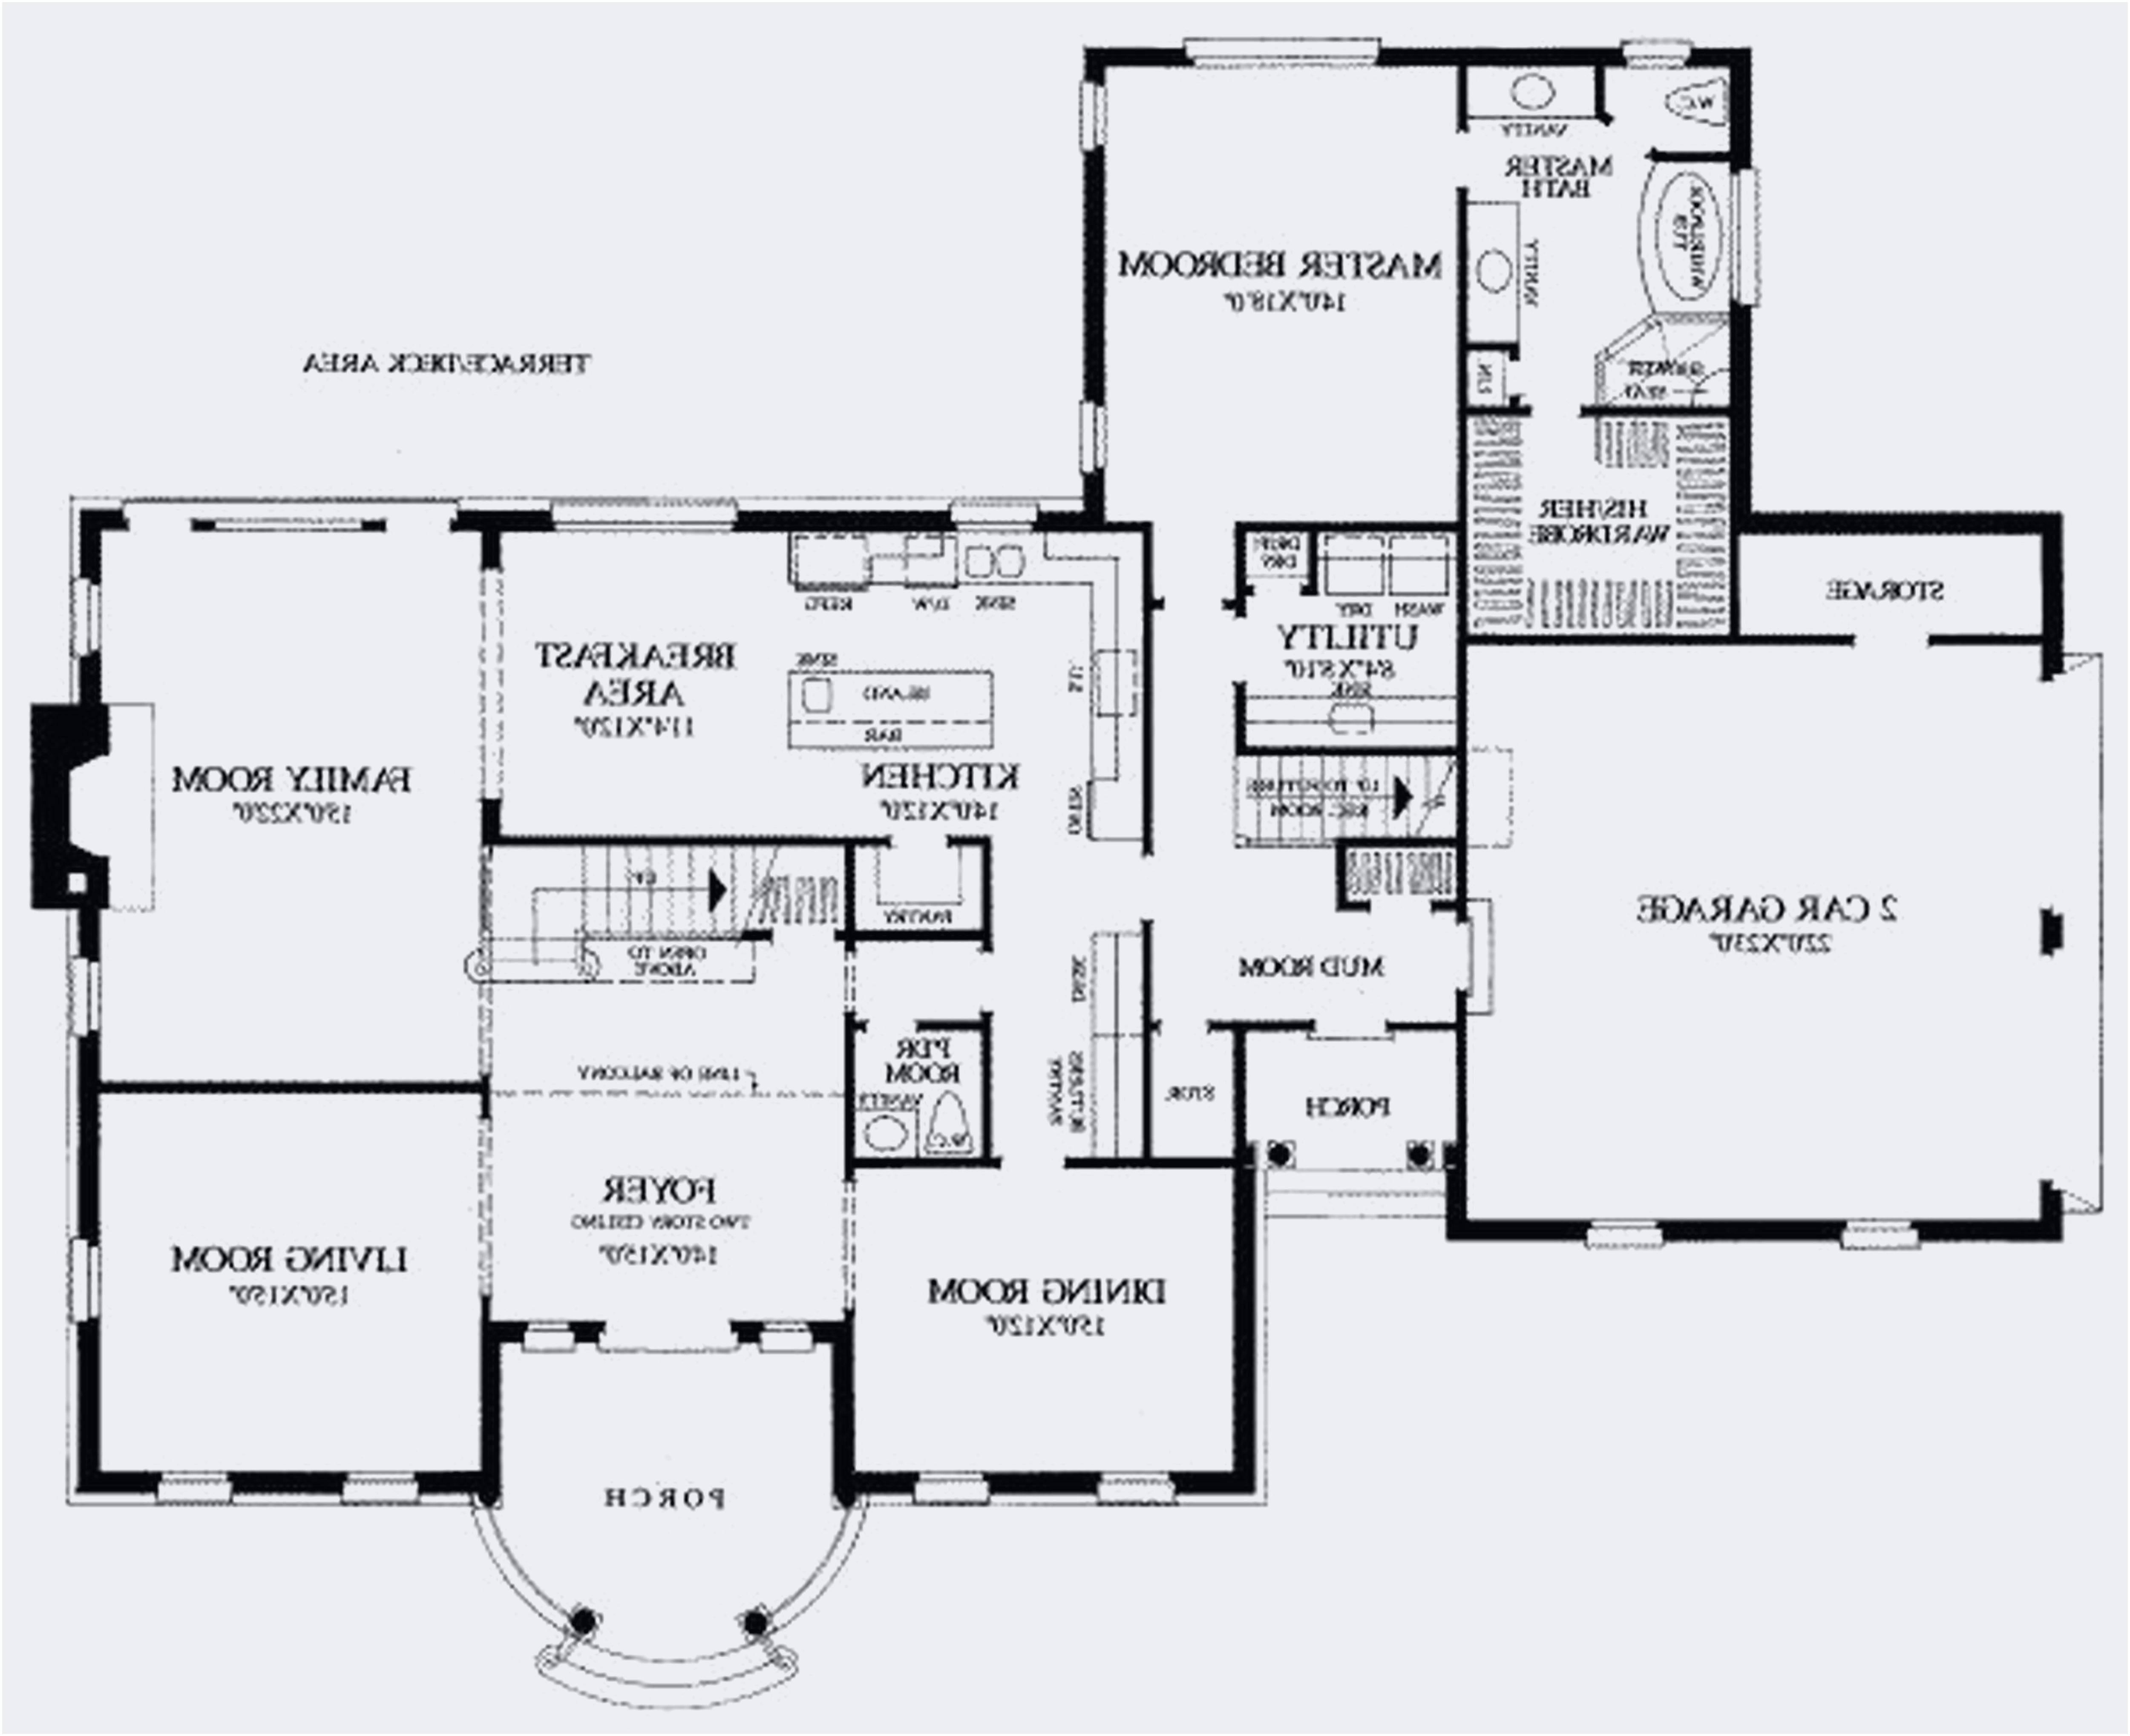 [SCHEMATICS_4FD]  MX_5975] House Wiring Kerala Download Diagram | House Wiring Diagram In Kerala |  | Www Mohammedshrine Librar Wiring 101